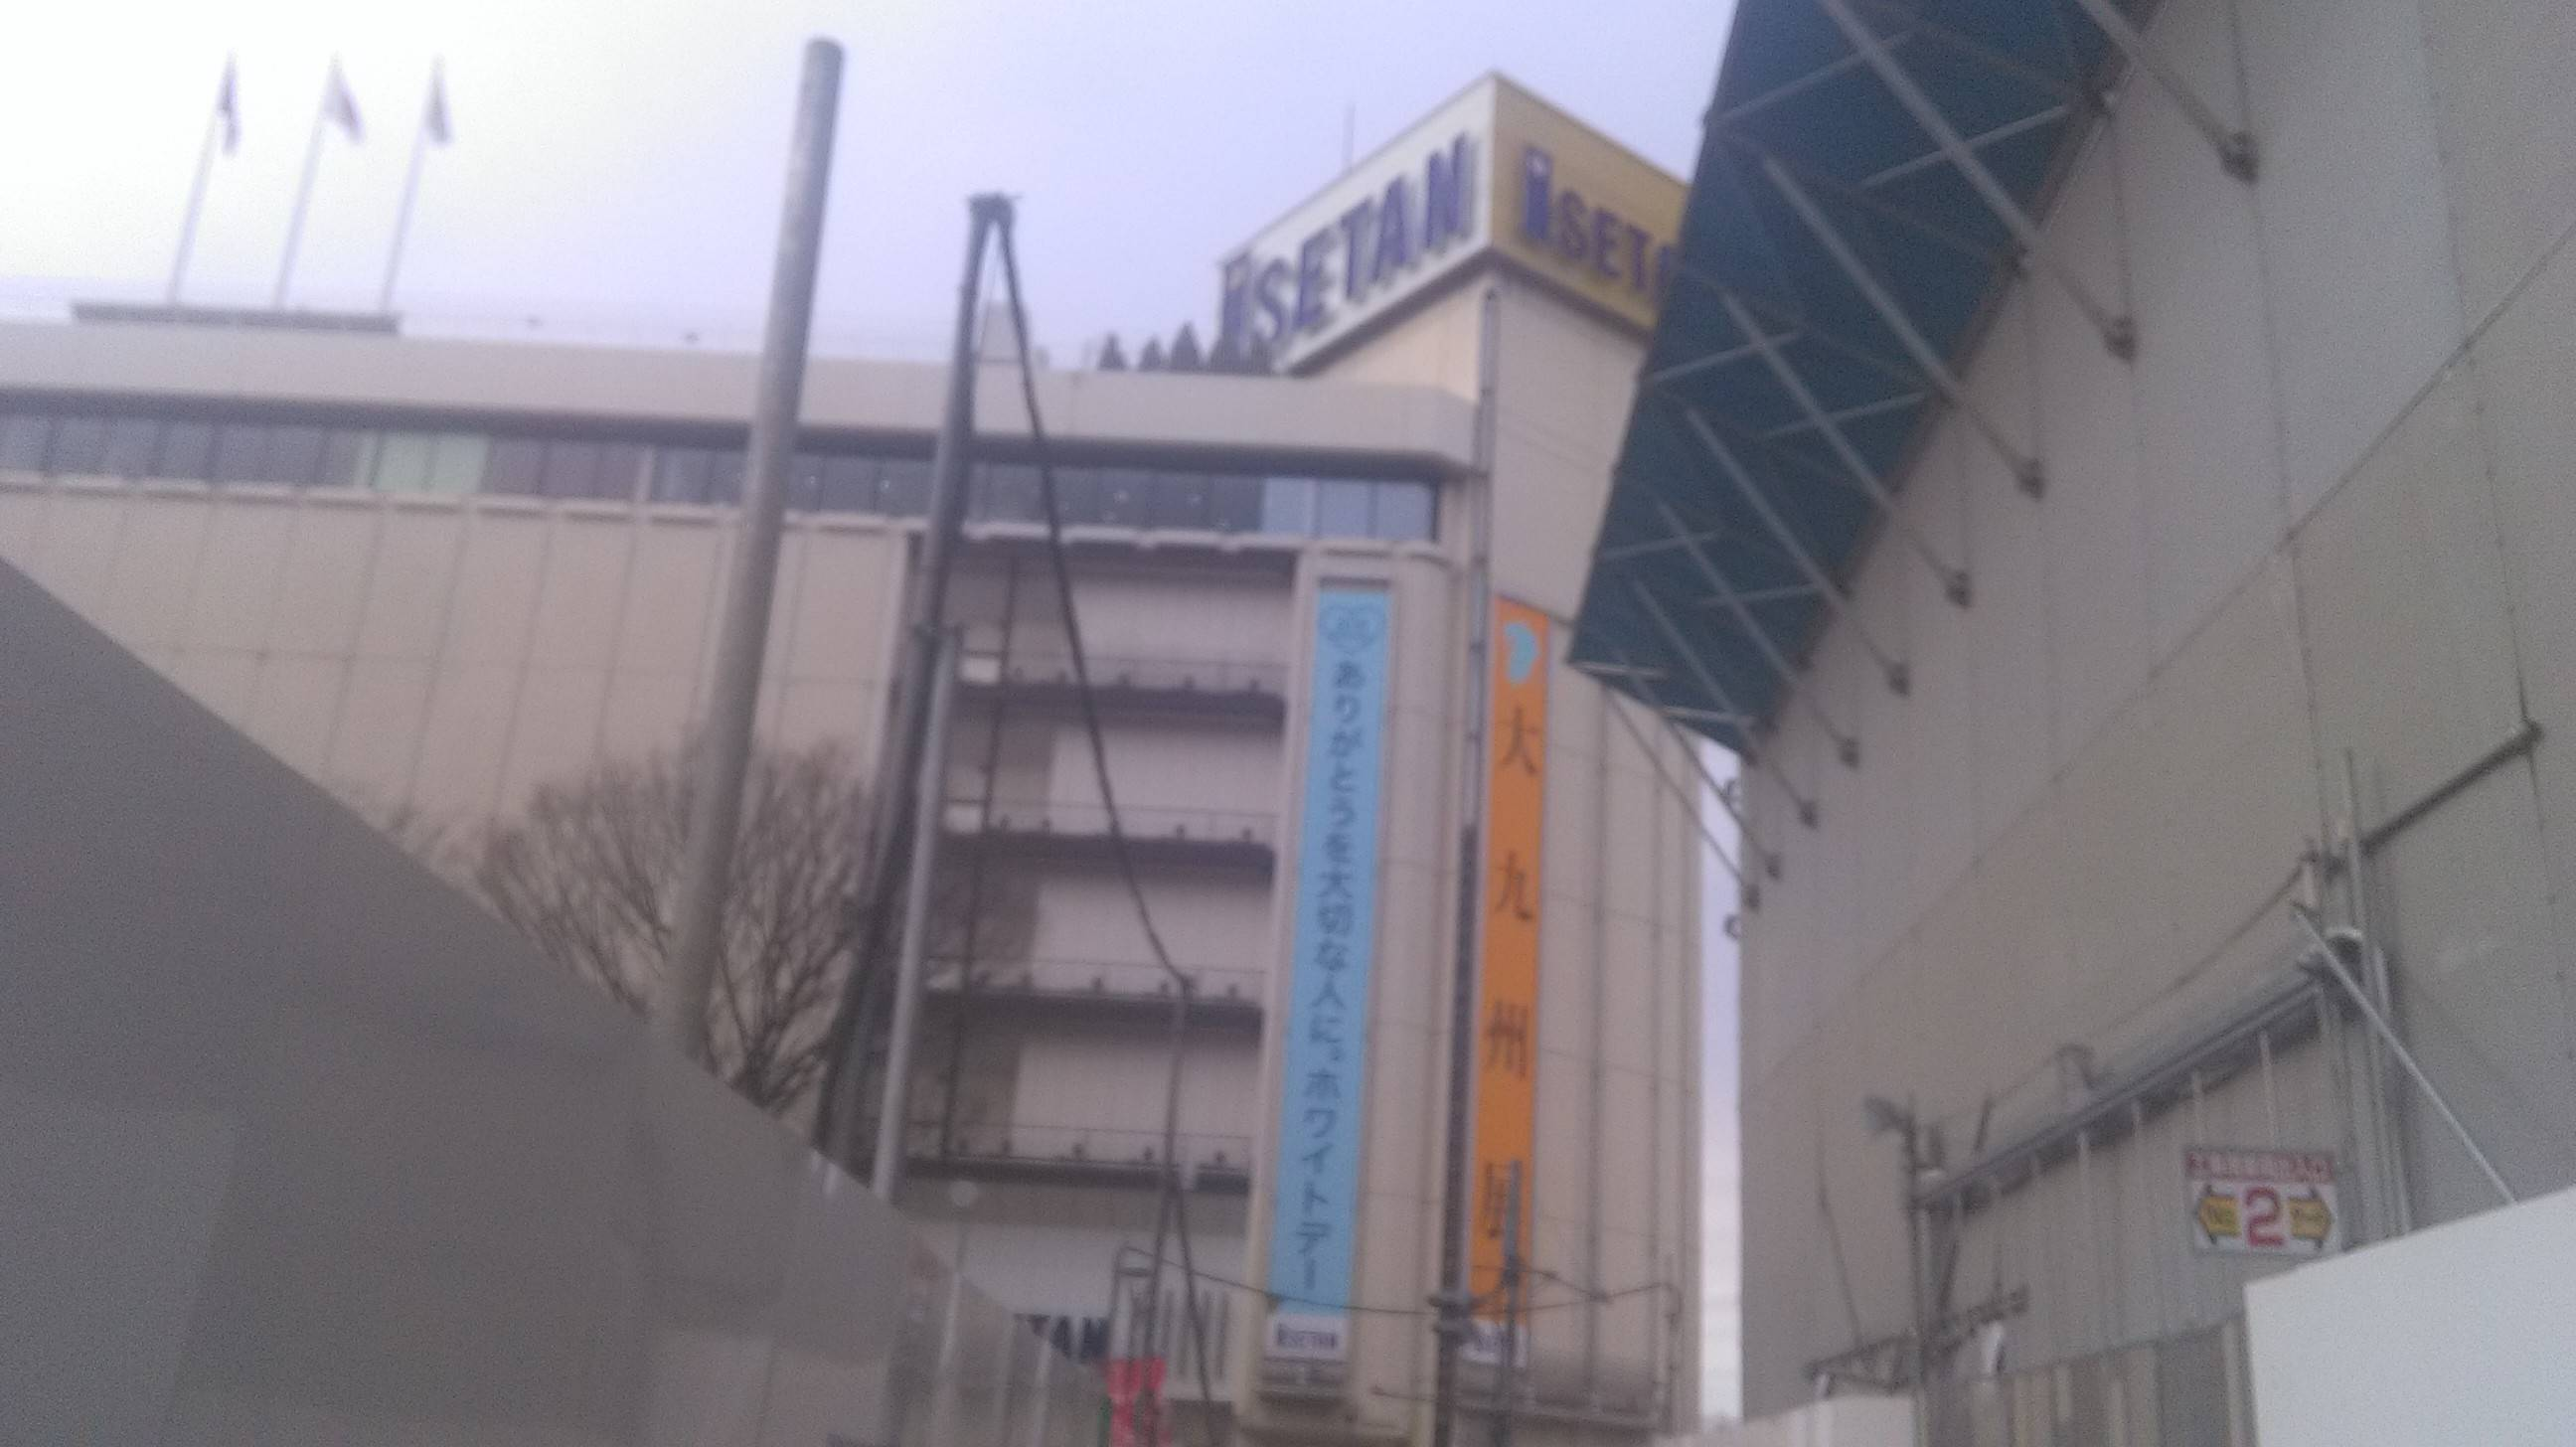 浦和駅前☆埼玉風景【埼玉・浦和】2月26日あるある埼玉ぶらり